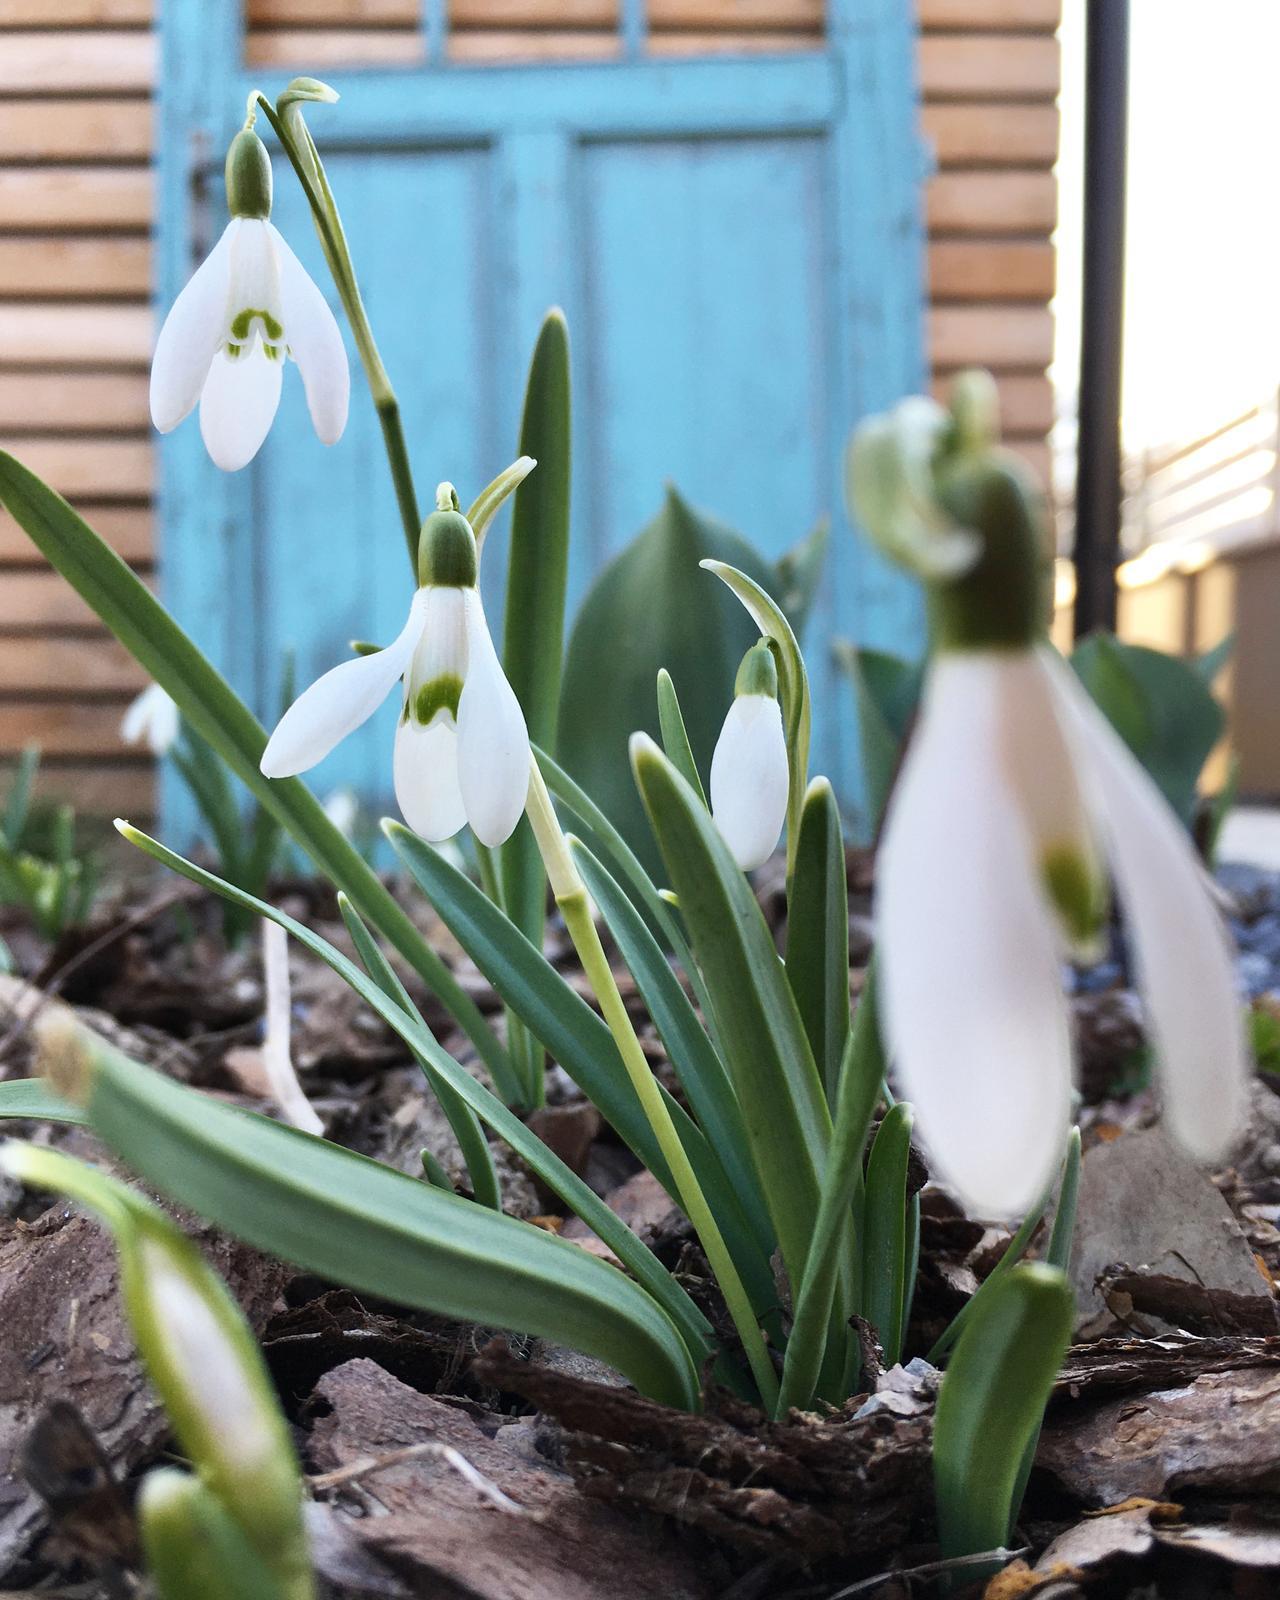 Záhrada v starom sade - Aj tieto ešte kvitnú